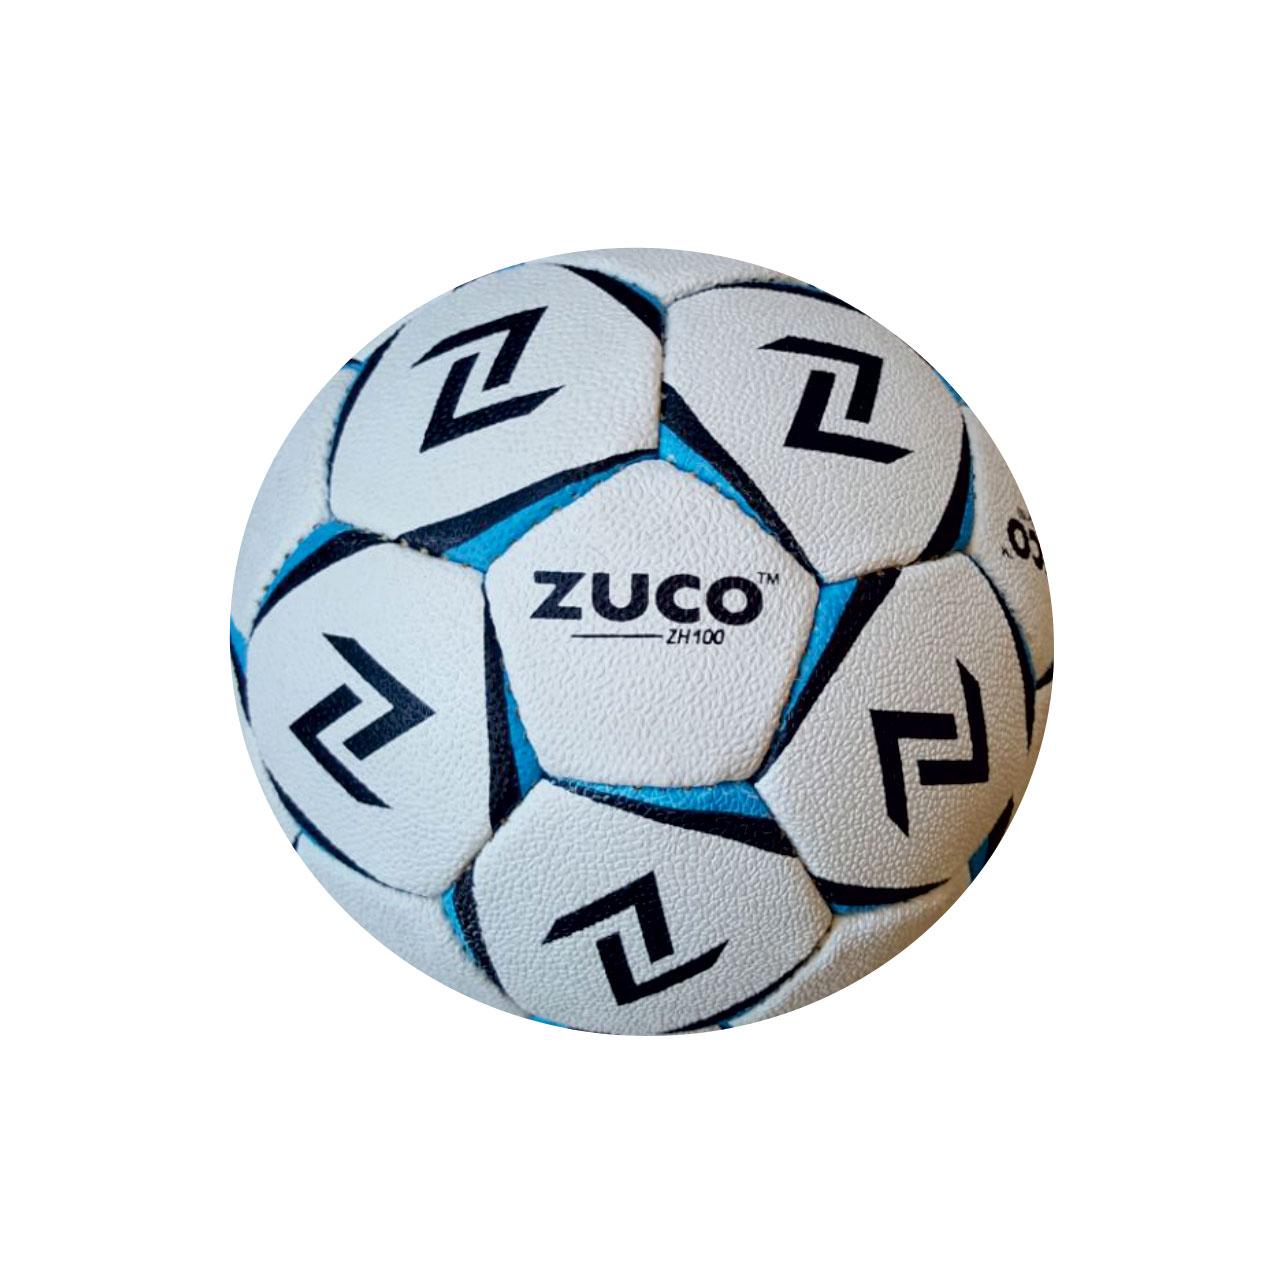 Zuco Handball